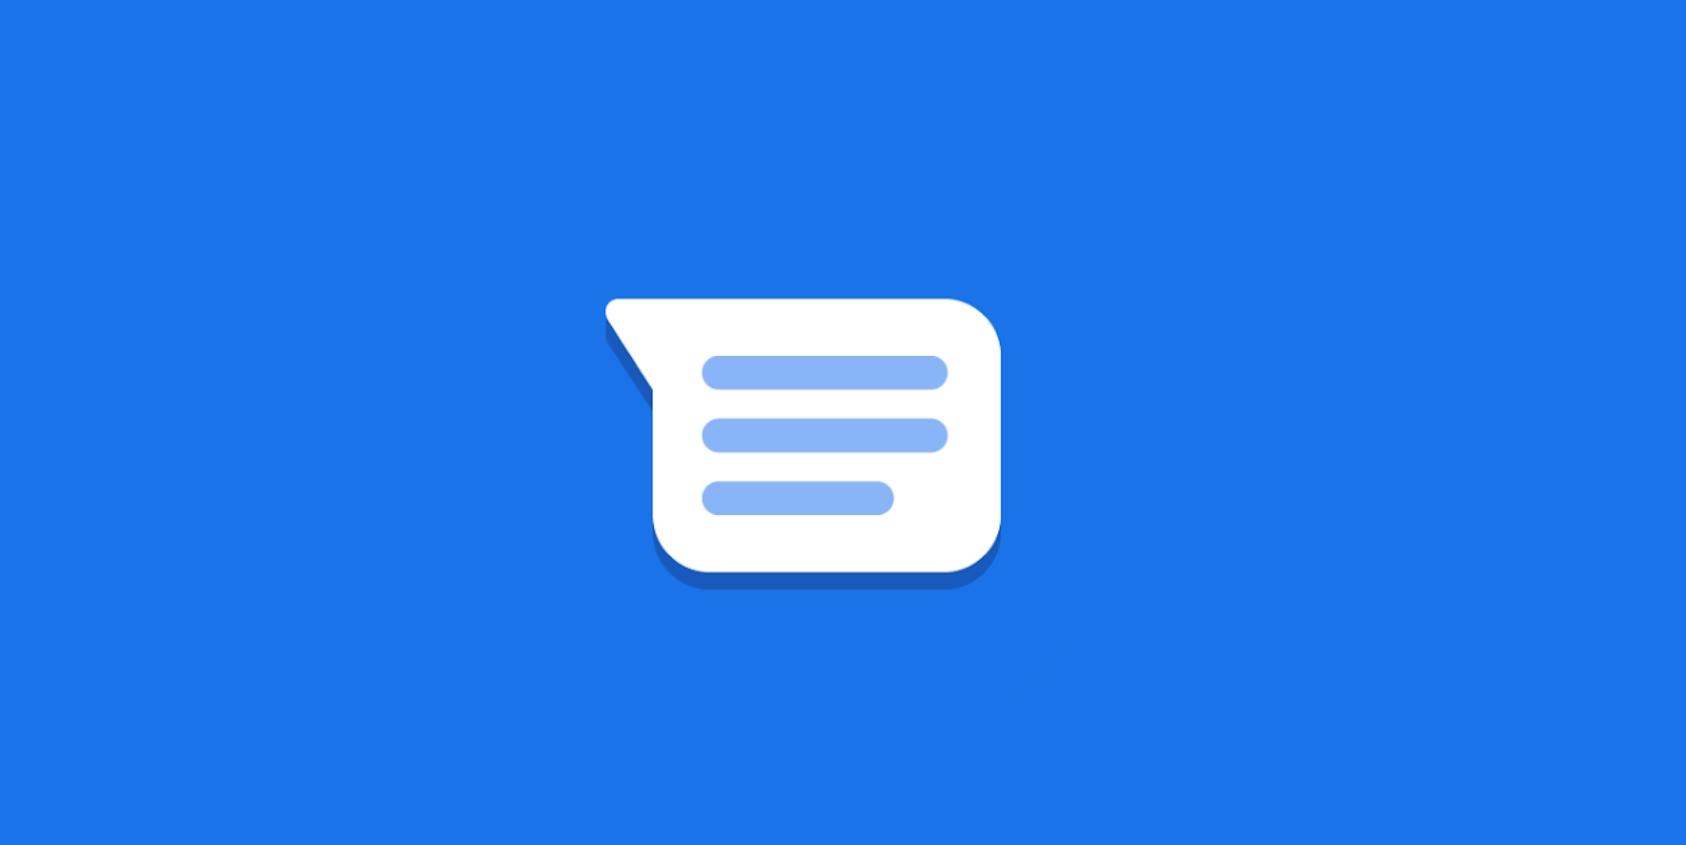 Aplikace Zprávy pro Android přichází o přepínač tmavého vzhledu [aktualizováno]